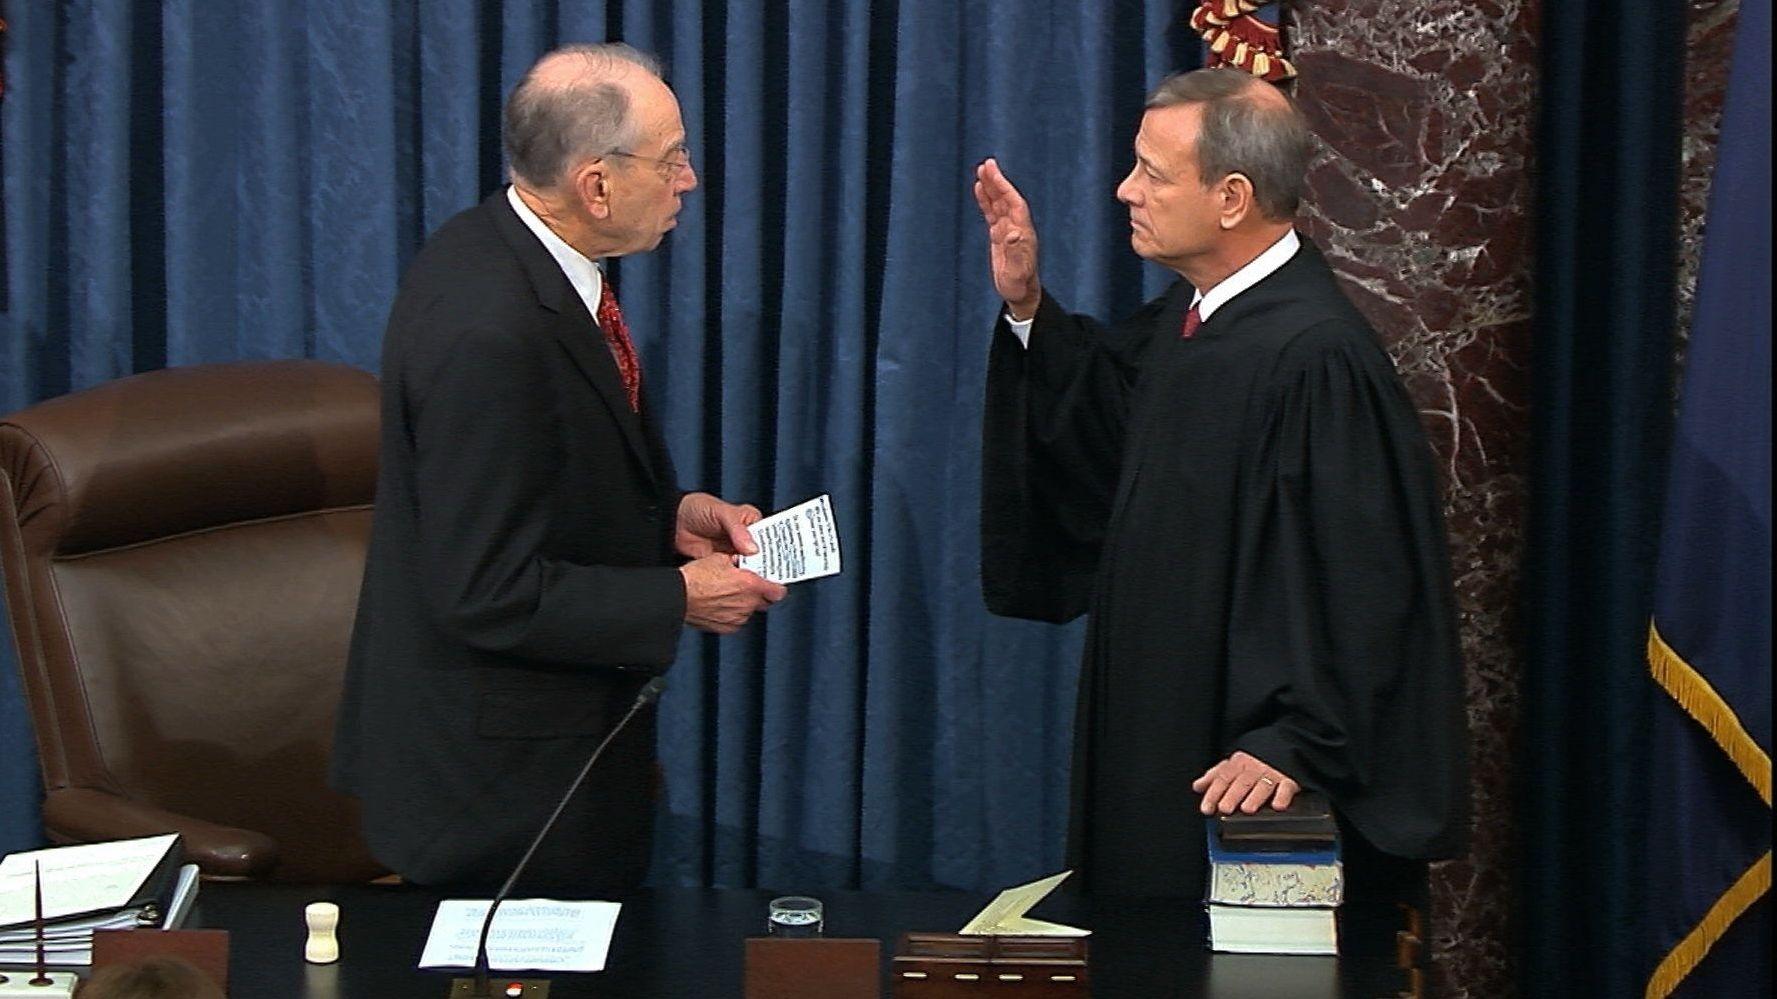 John Roberts, Oberster Richter in den USA, wird in der Kammer des Senats von Chuck Grassley, Vorsitzender des zuständigen Justizausschusses im US-Senat, vereidigt.